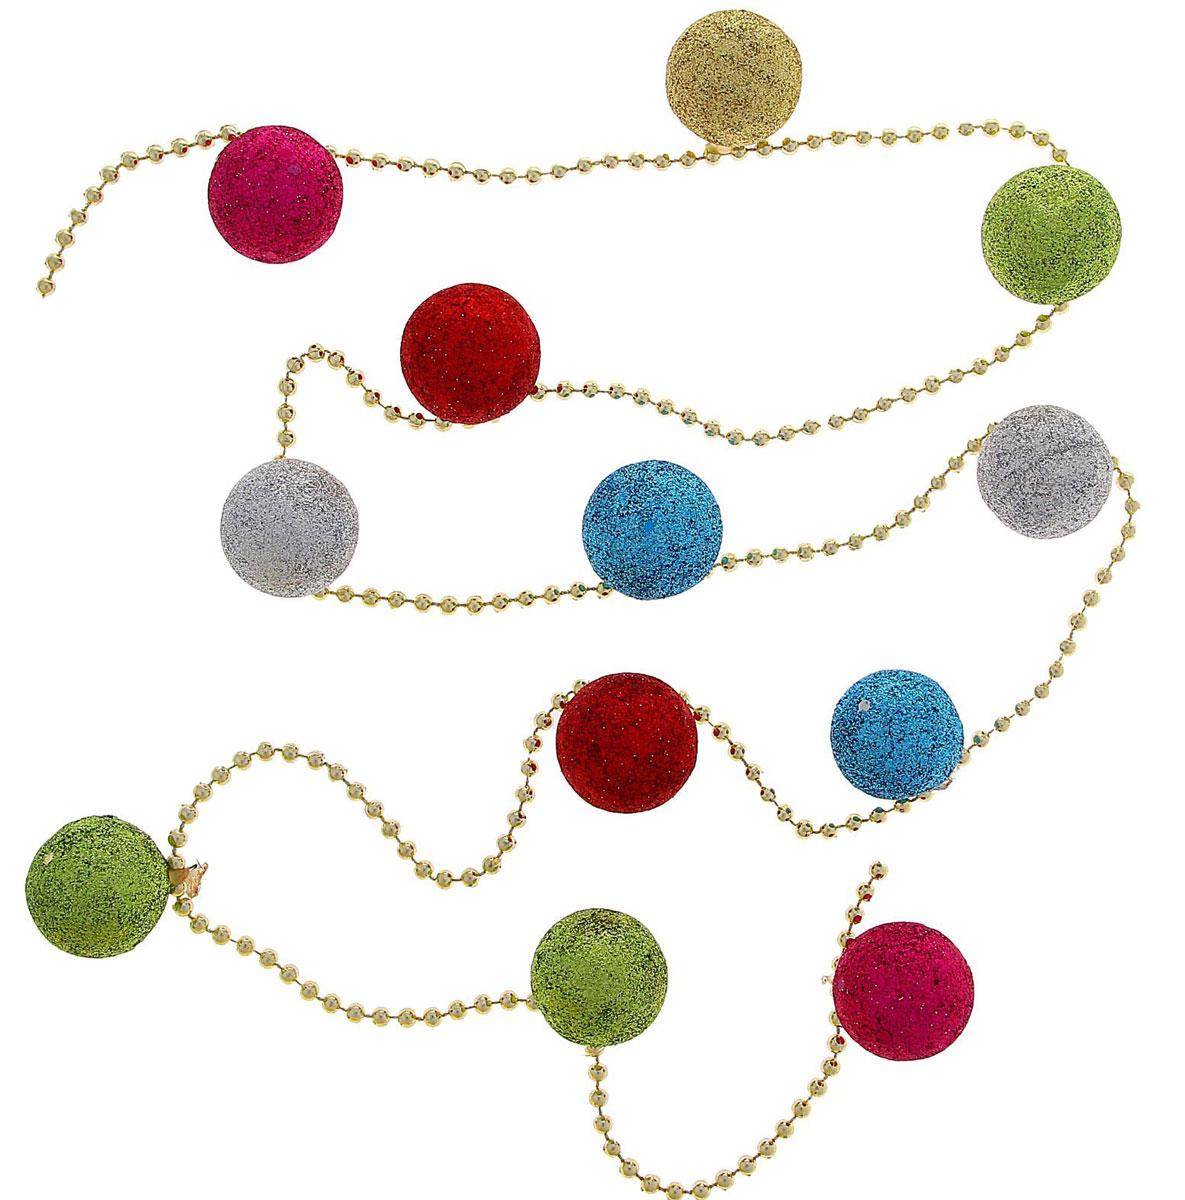 Бусы на елку NoName Разноцветные шарики, длина 1,2 м1116463Невозможно представить нашу жизнь без праздников! Мы всегда ждем их и предвкушаем, обдумываем, как проведем памятный день, тщательно выбираем подарки и аксессуары, ведь именно они создают и поддерживают торжественный настрой. Новогодние аксессуары — это отличный выбор, который привнесет атмосферу праздника в ваш дом!